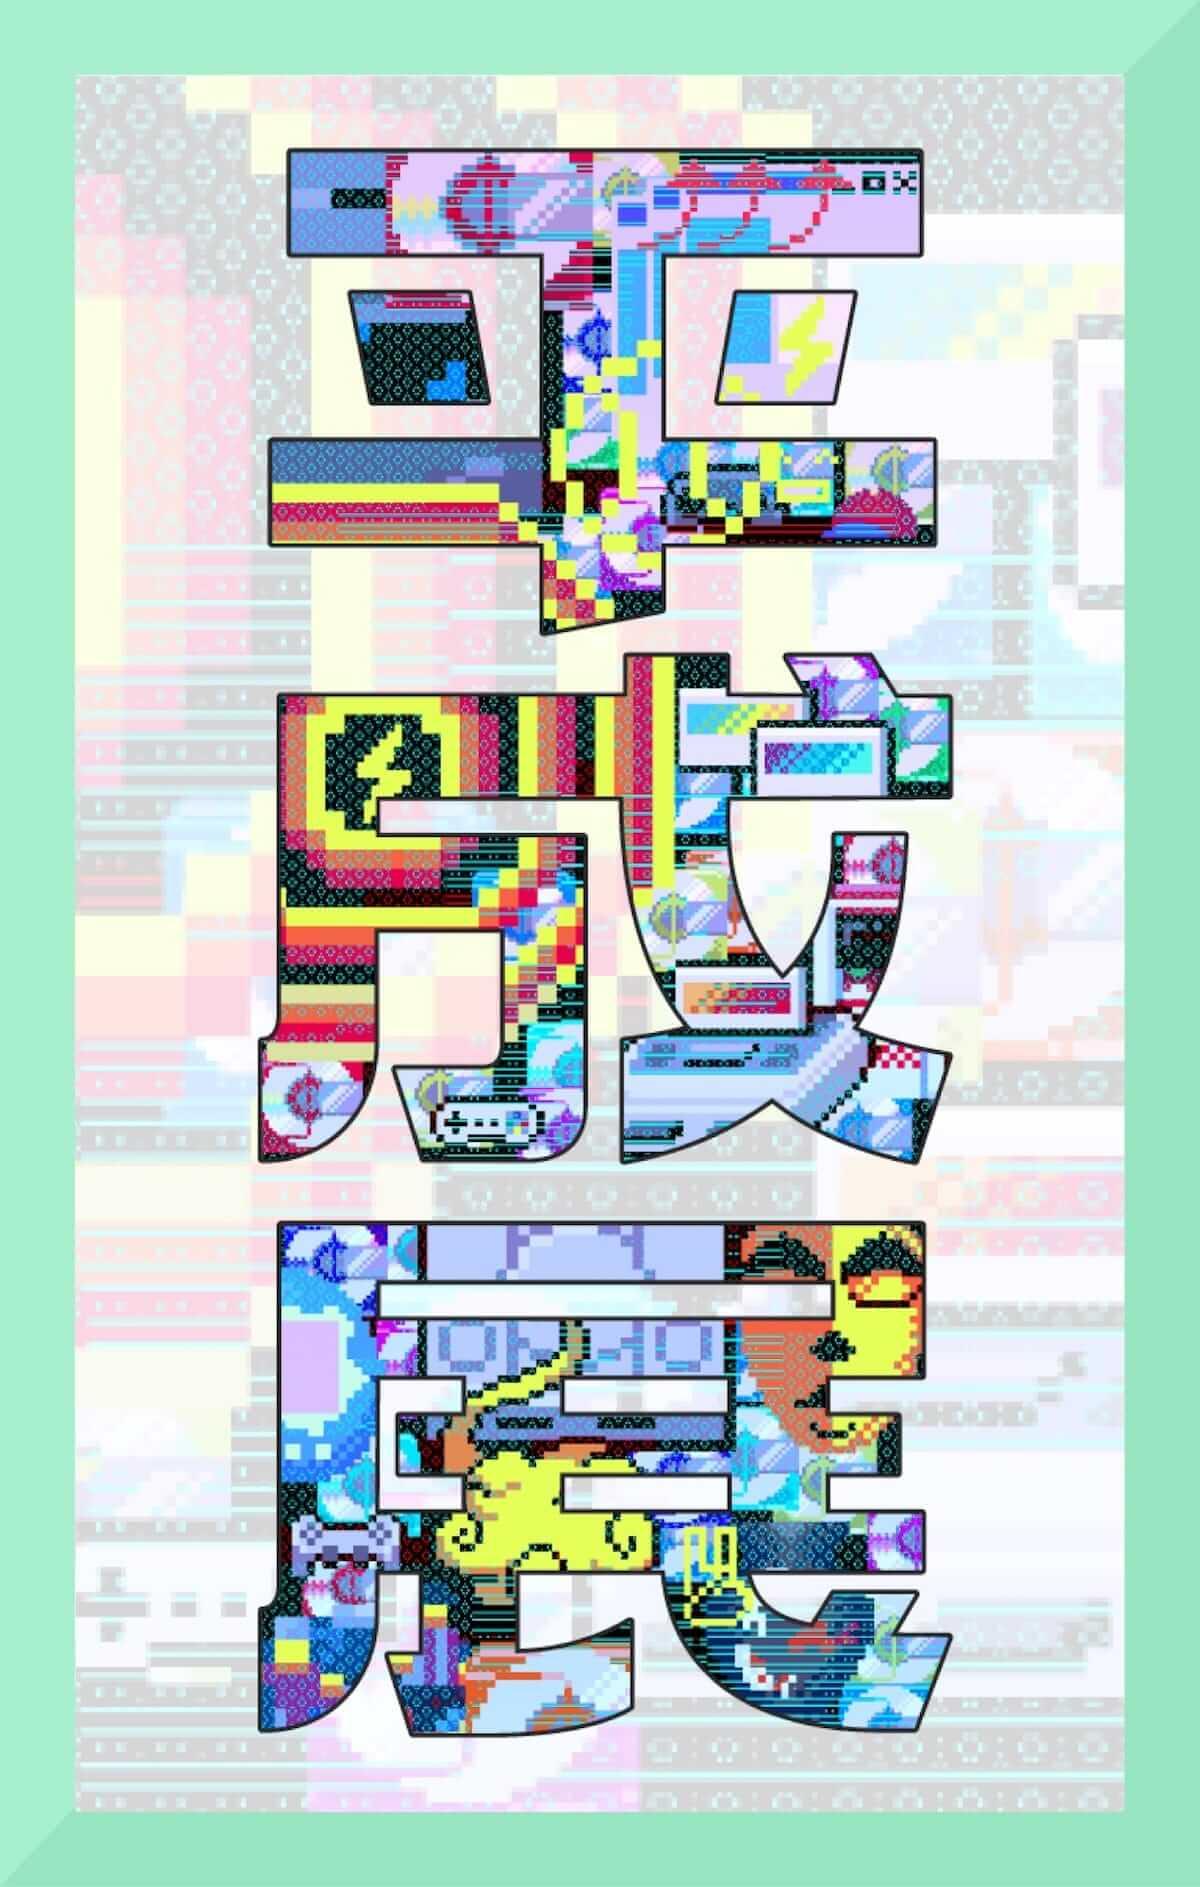 平成に生まれたポップカルチャーを捉え直す展示「平成展 1989−1999」が開催 art_culture180806-heisei-2-1200x1887